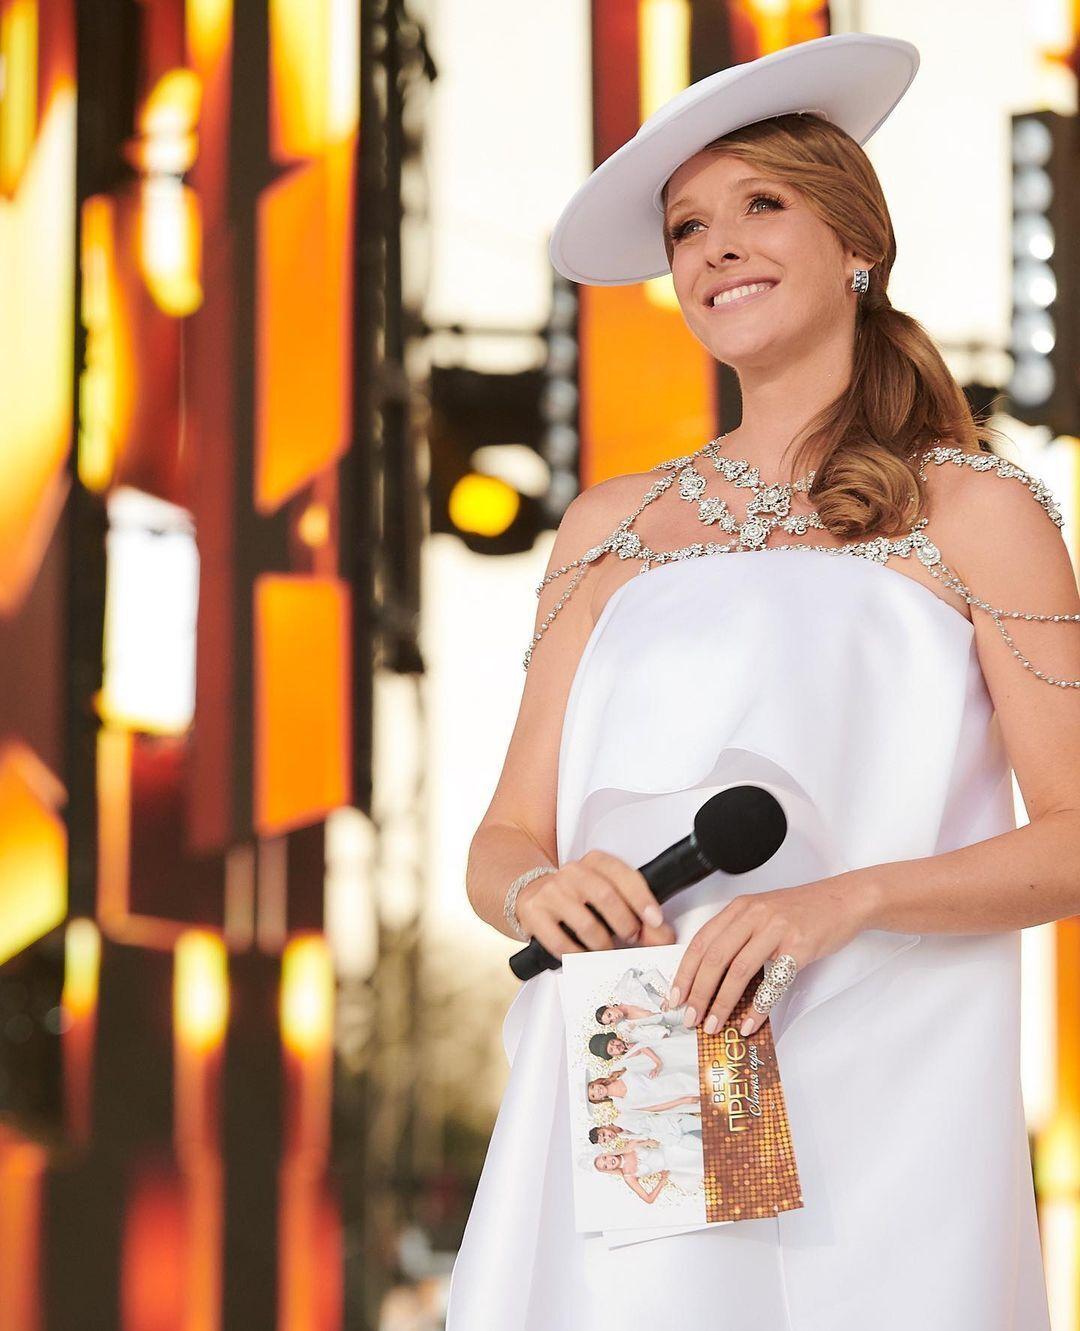 Як аксесуари Осадча вибрала оригінальний білий капелюх, широкий браслет і сережки з камінням